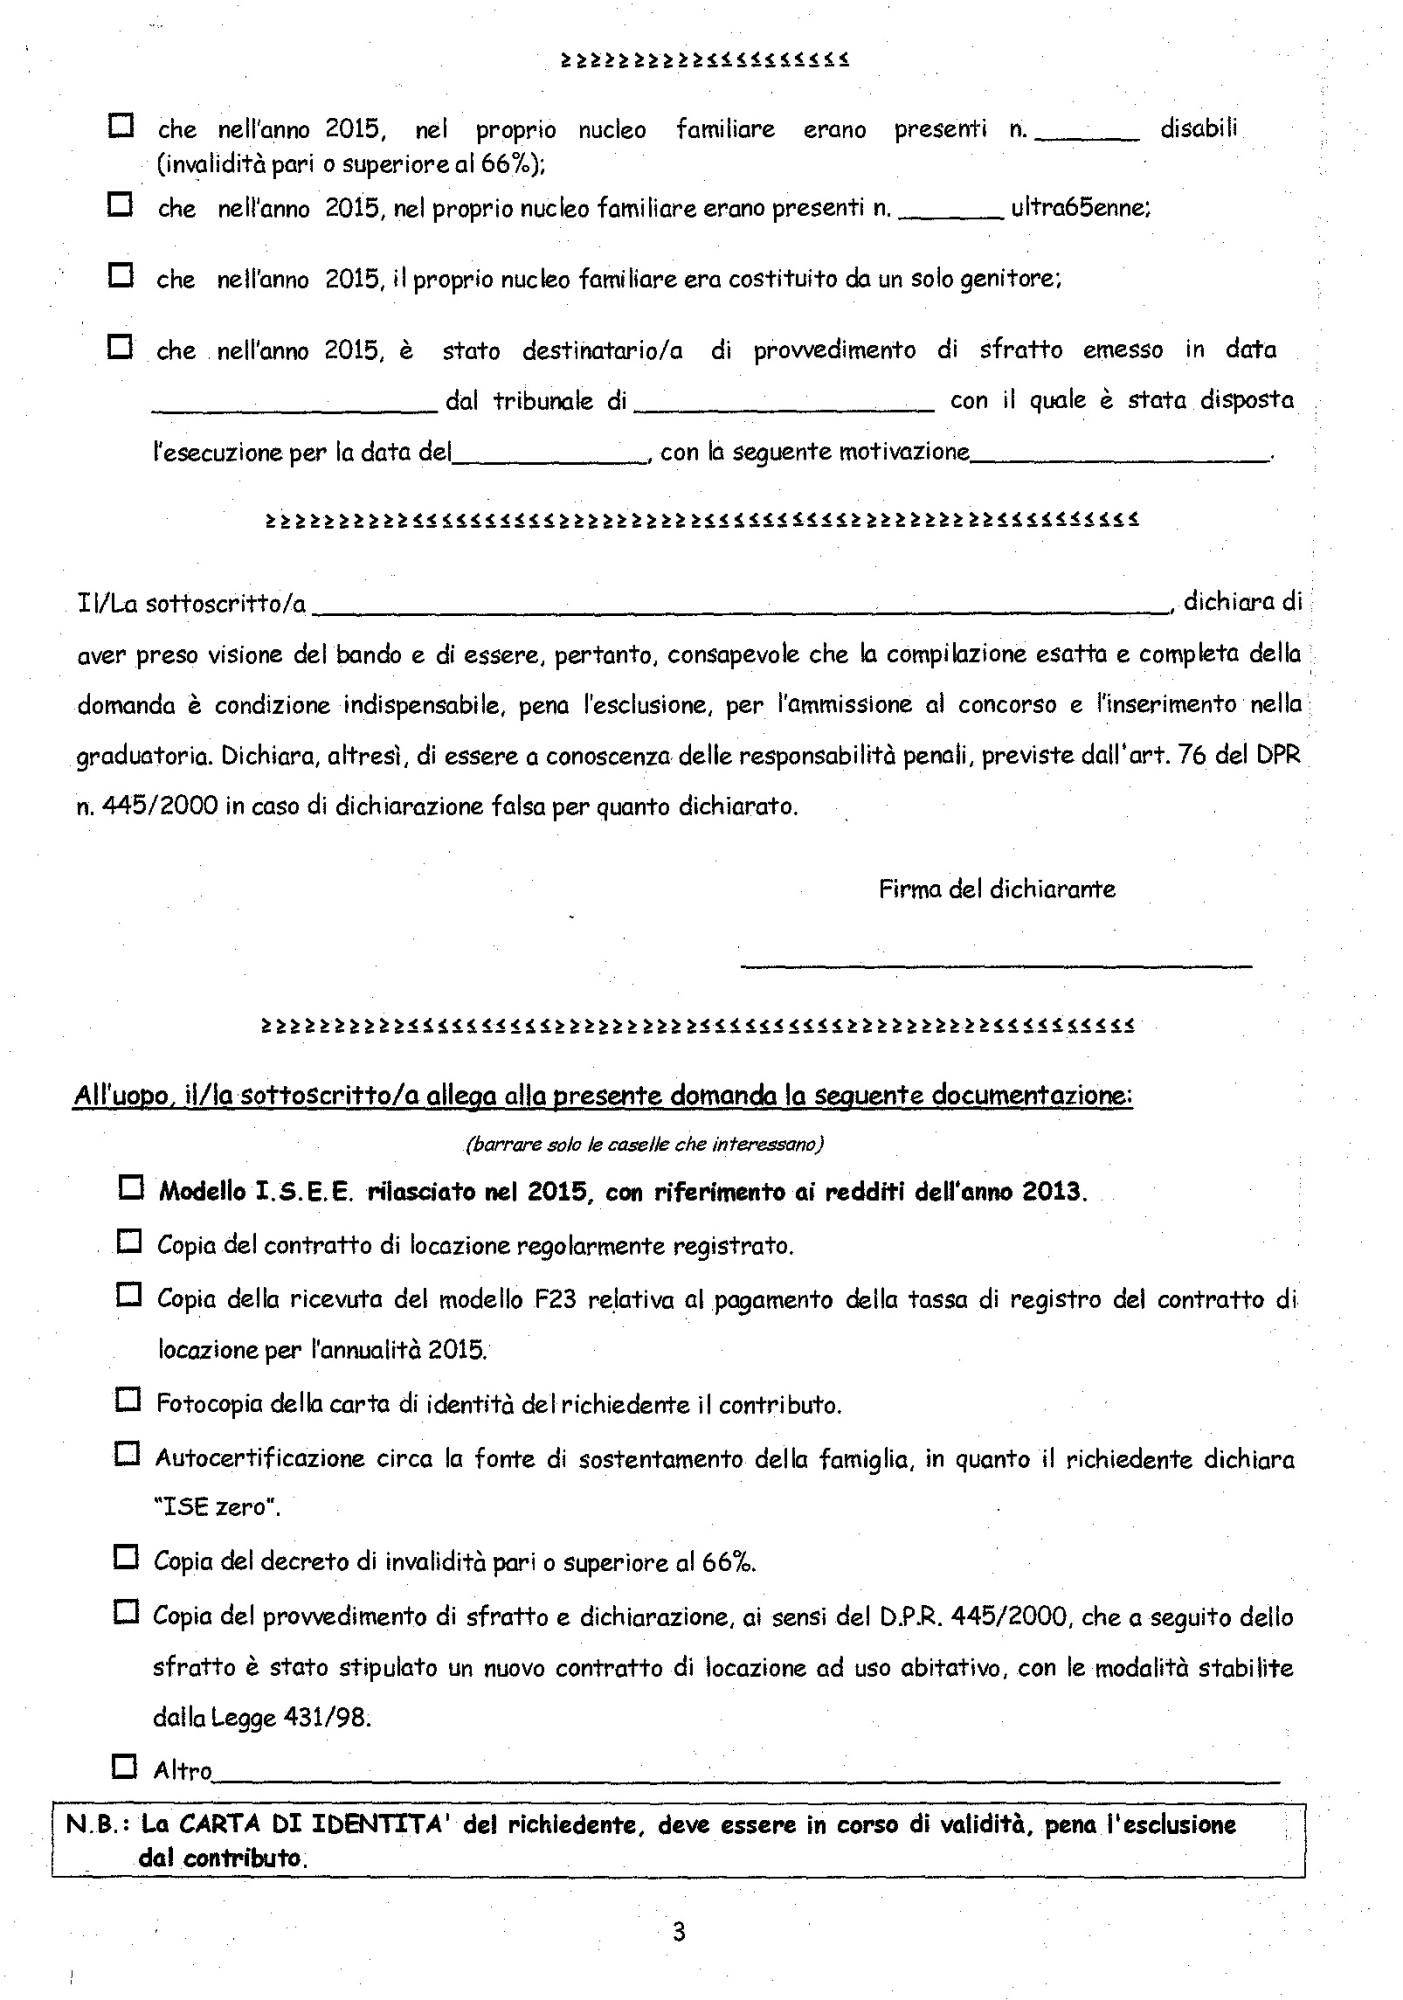 BANDO DI CONCORSO EROGAZIONE CONTRIBUTO SOSTEGNO A_Pagina_4_Immagine_0001